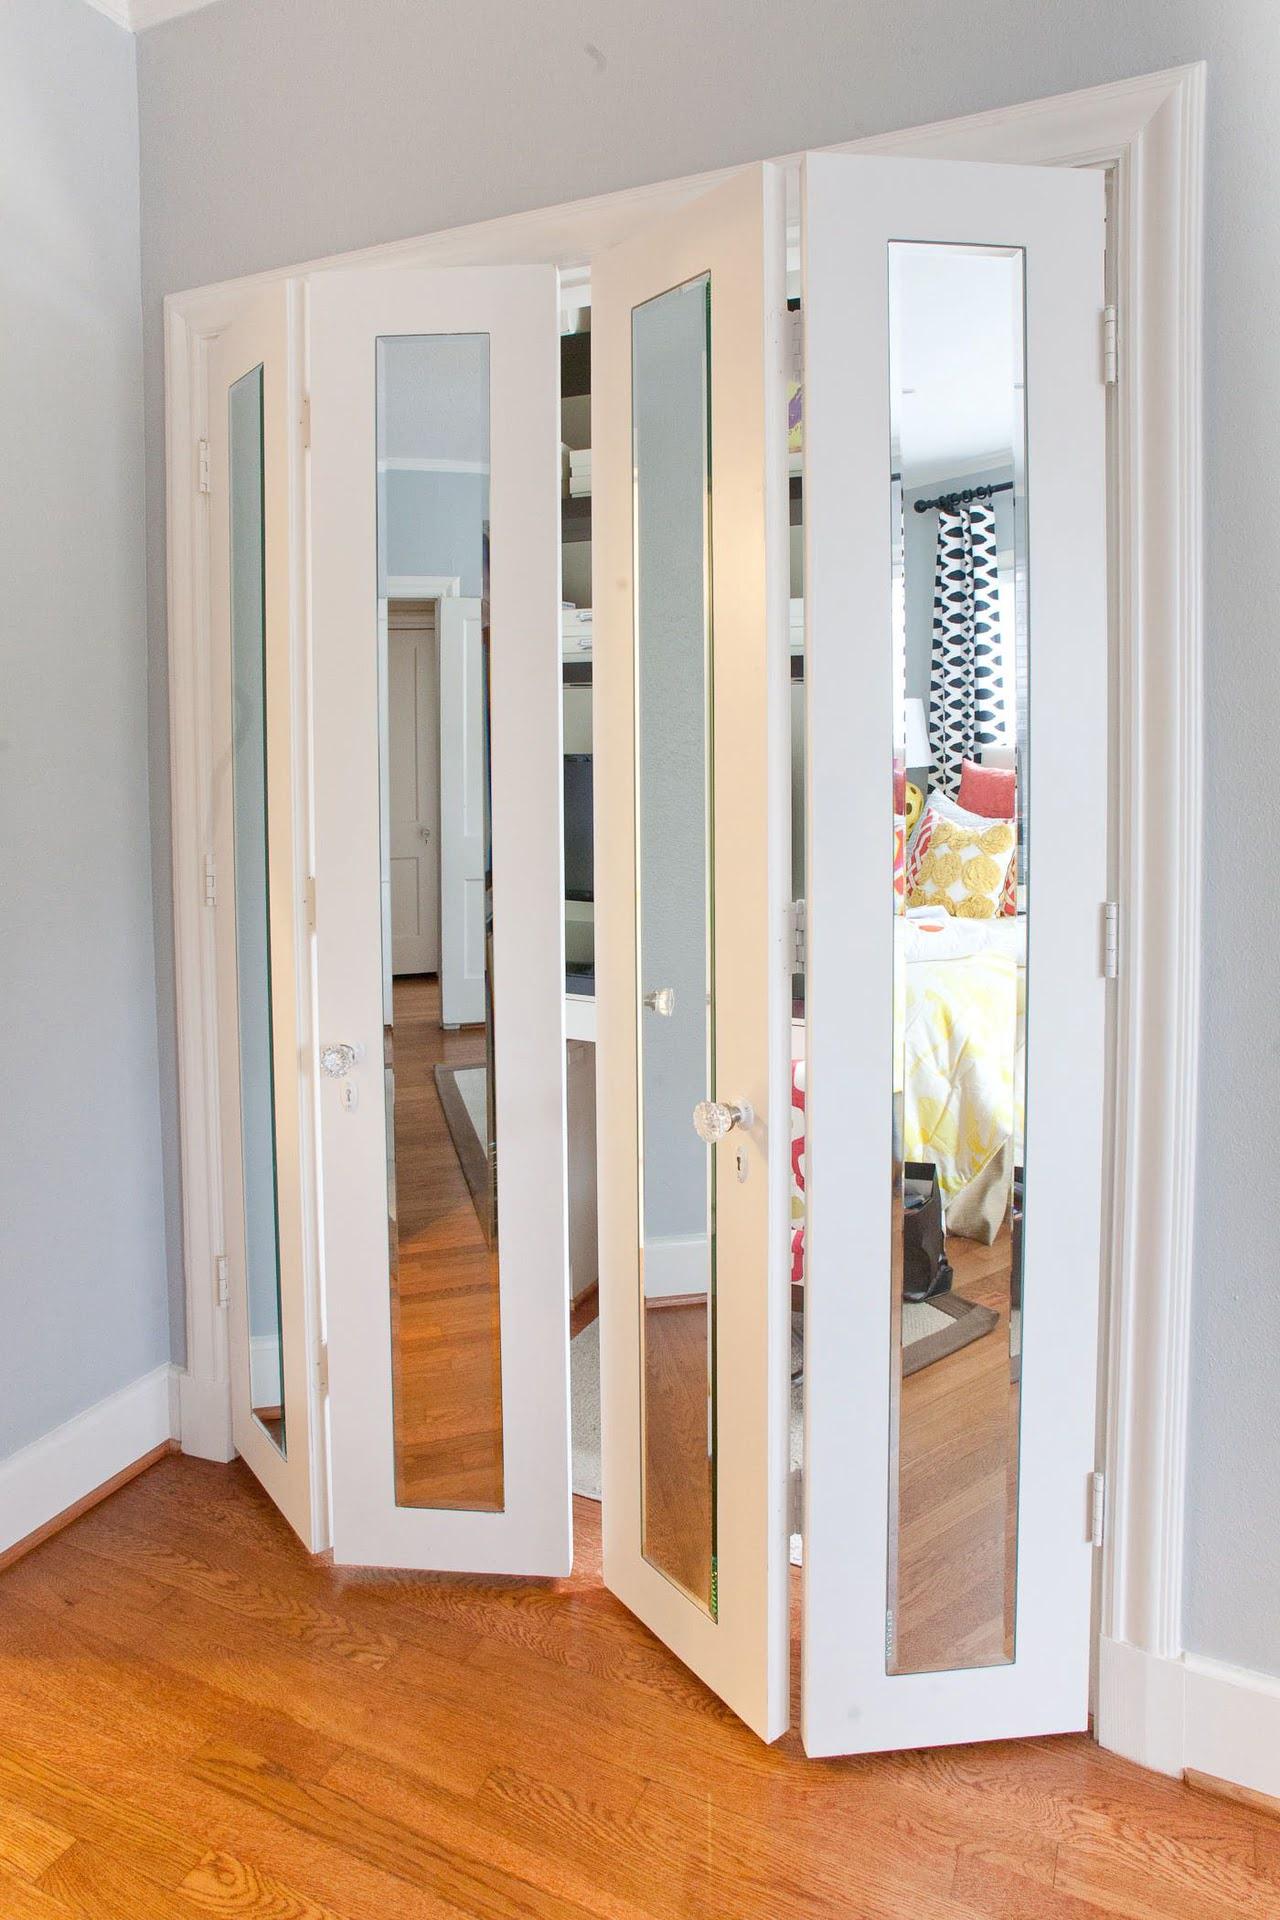 Amazing Miroir Sur Mesure Pas Cher #2: Miroir Sur Mesure